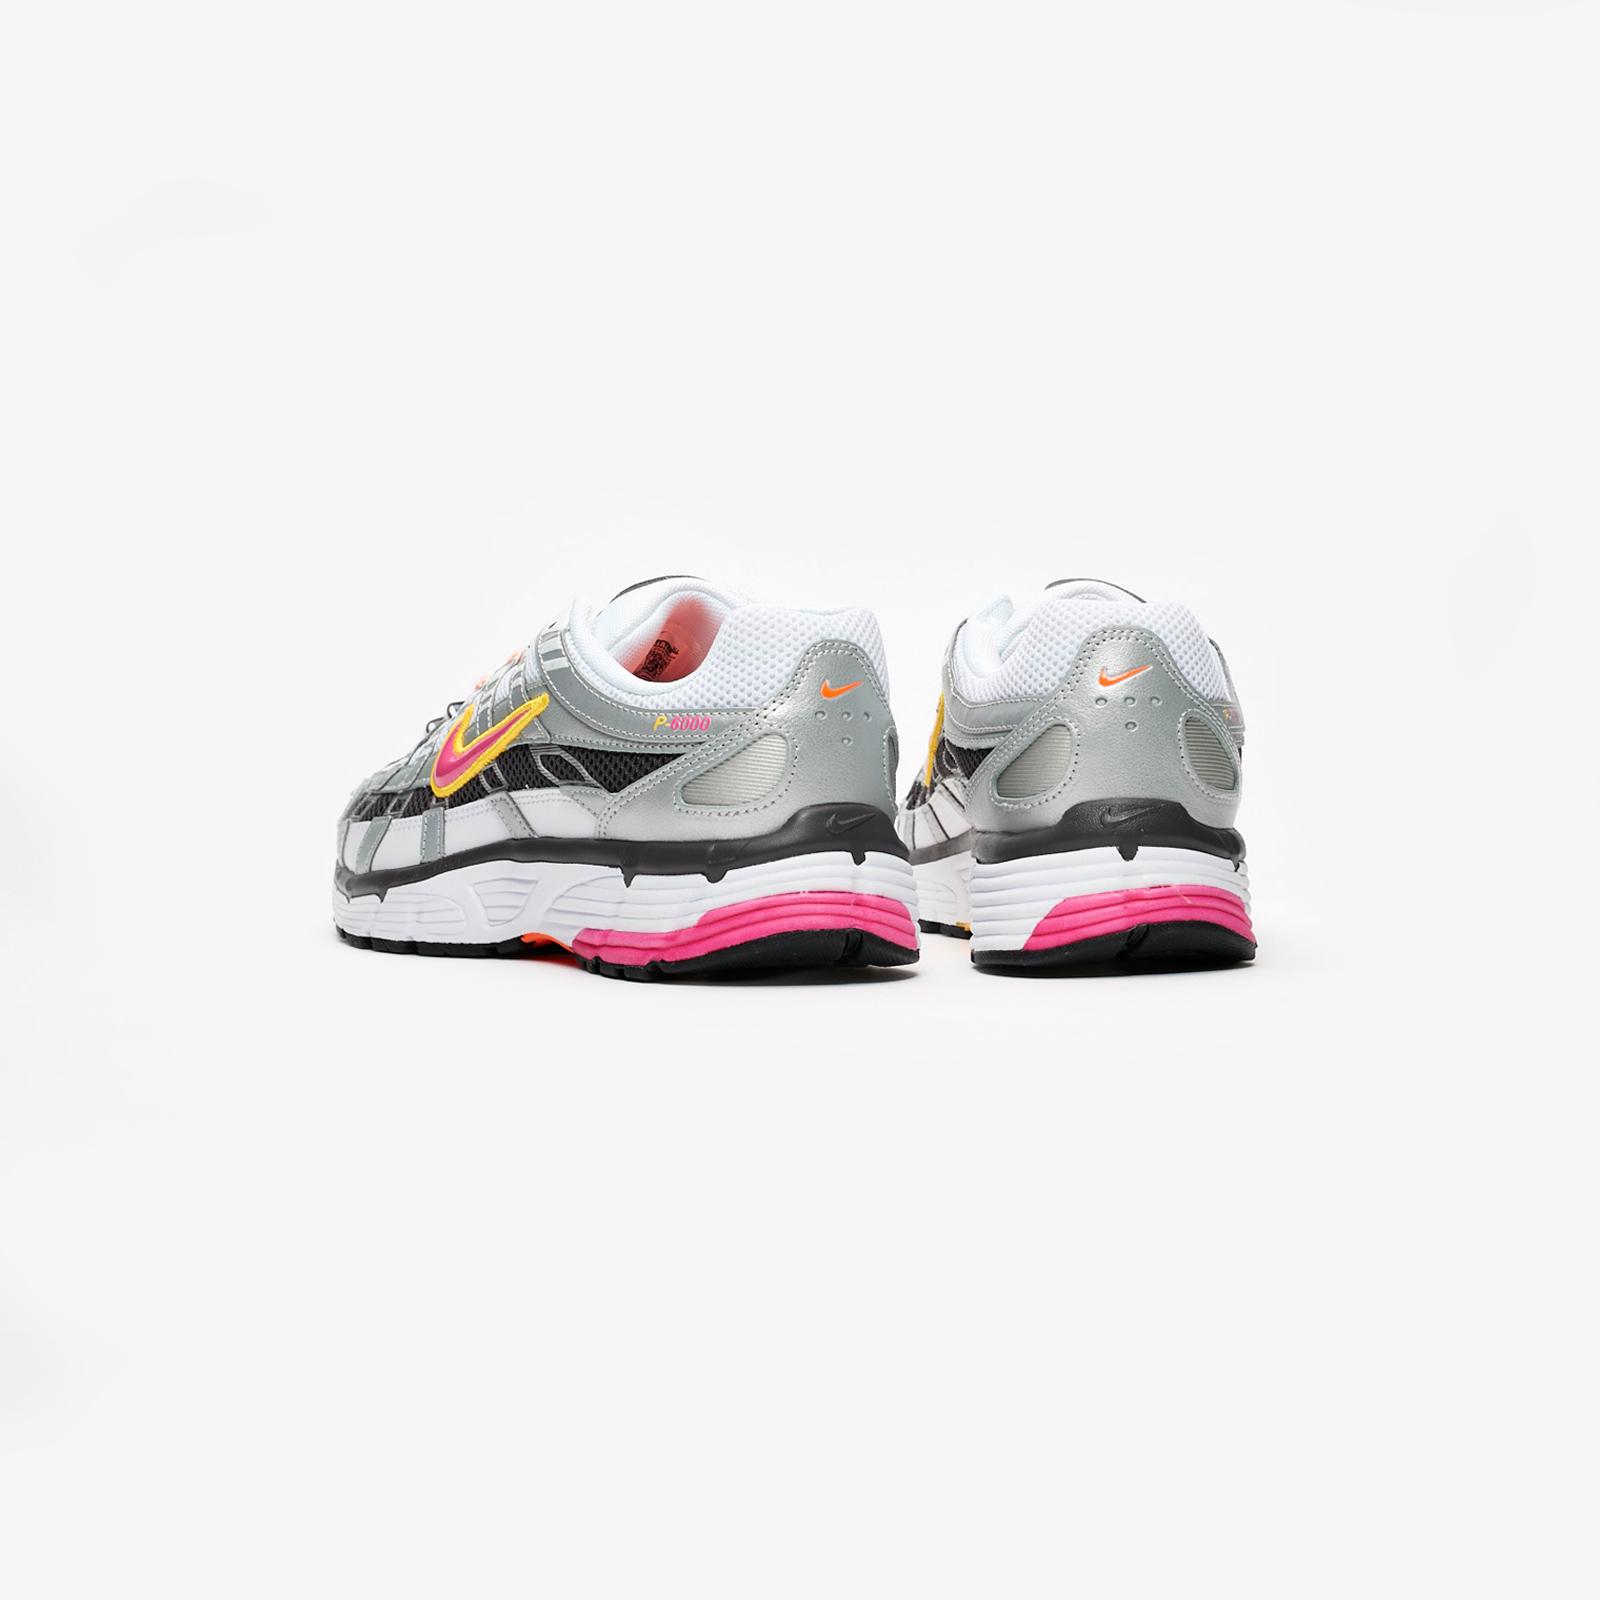 pretty nice 931bc 16af2 Nike Wmns P-6000 - Bv1021-100 - Sneakersnstuff   sneakers   streetwear  online since 1999